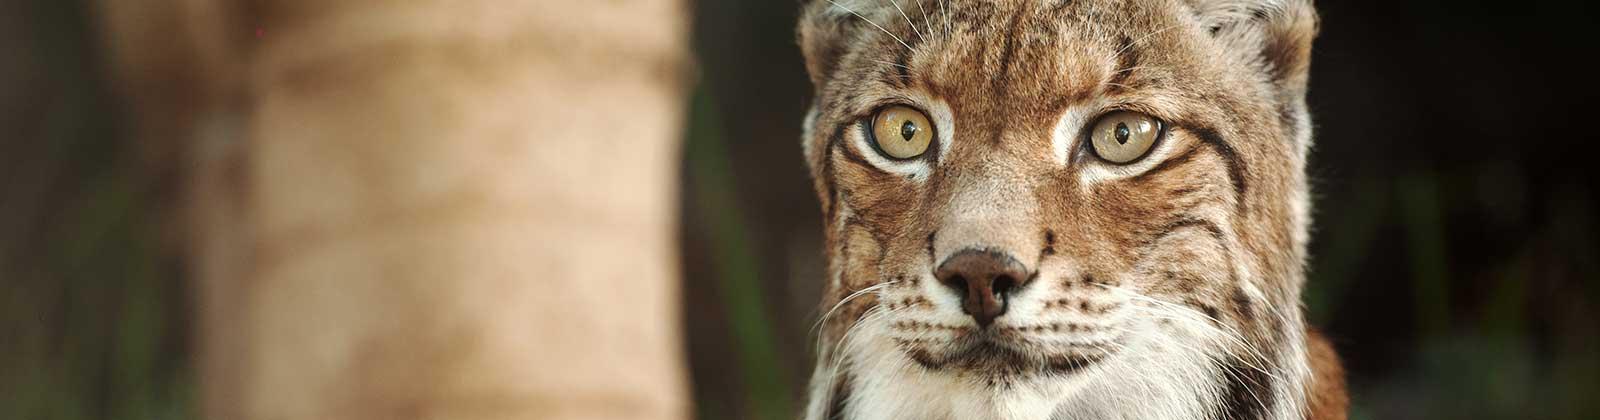 Curso de Conservación y Recuperación de Fauna